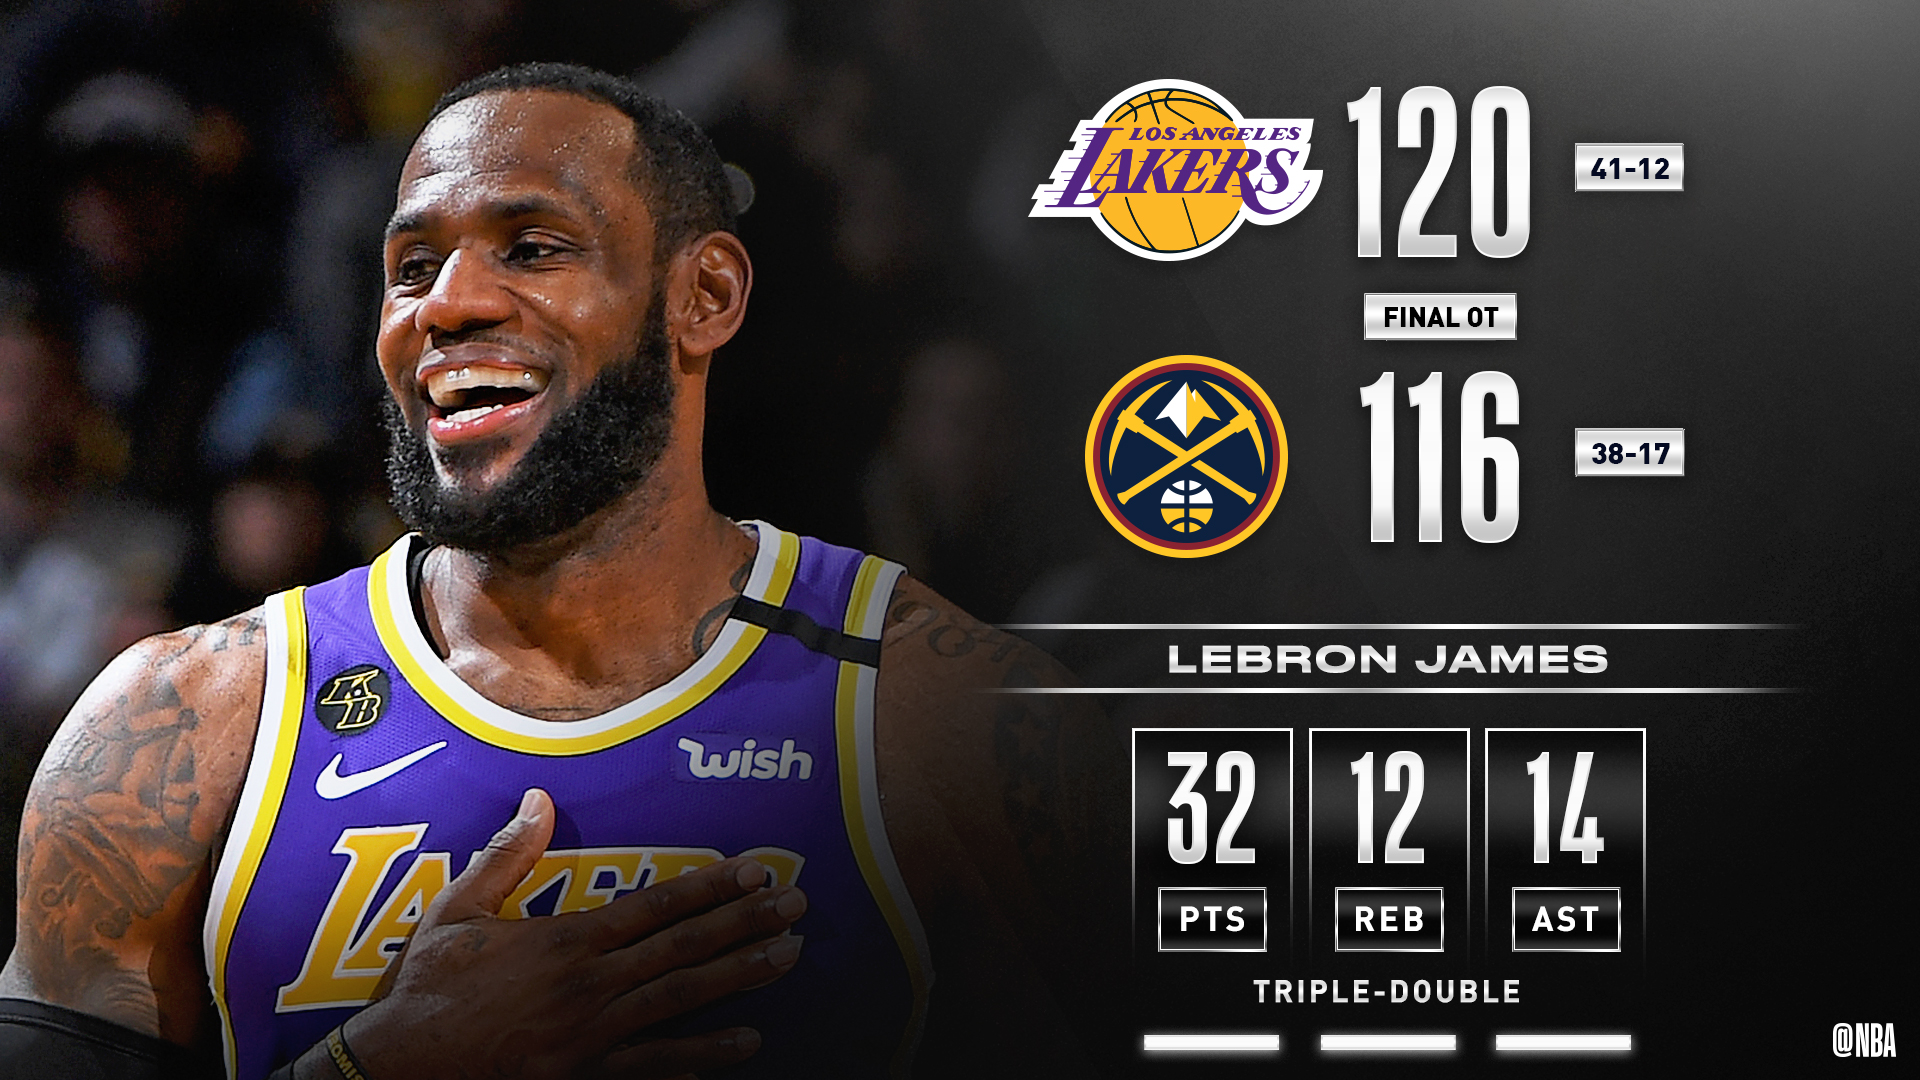 詹姆斯砍下本赛季第12次三双